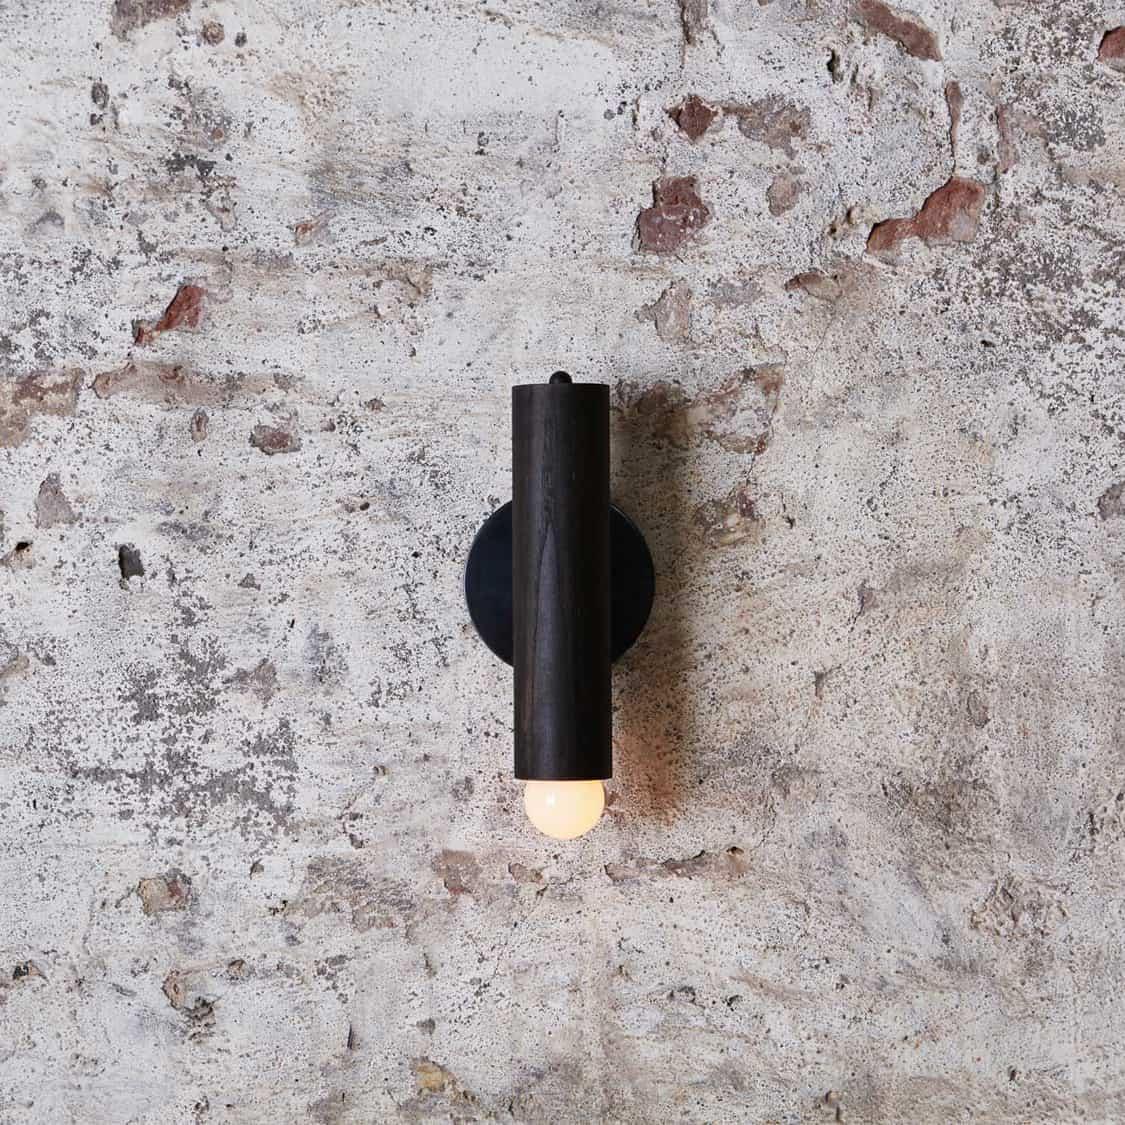 Sconce-Oxidized-Brick